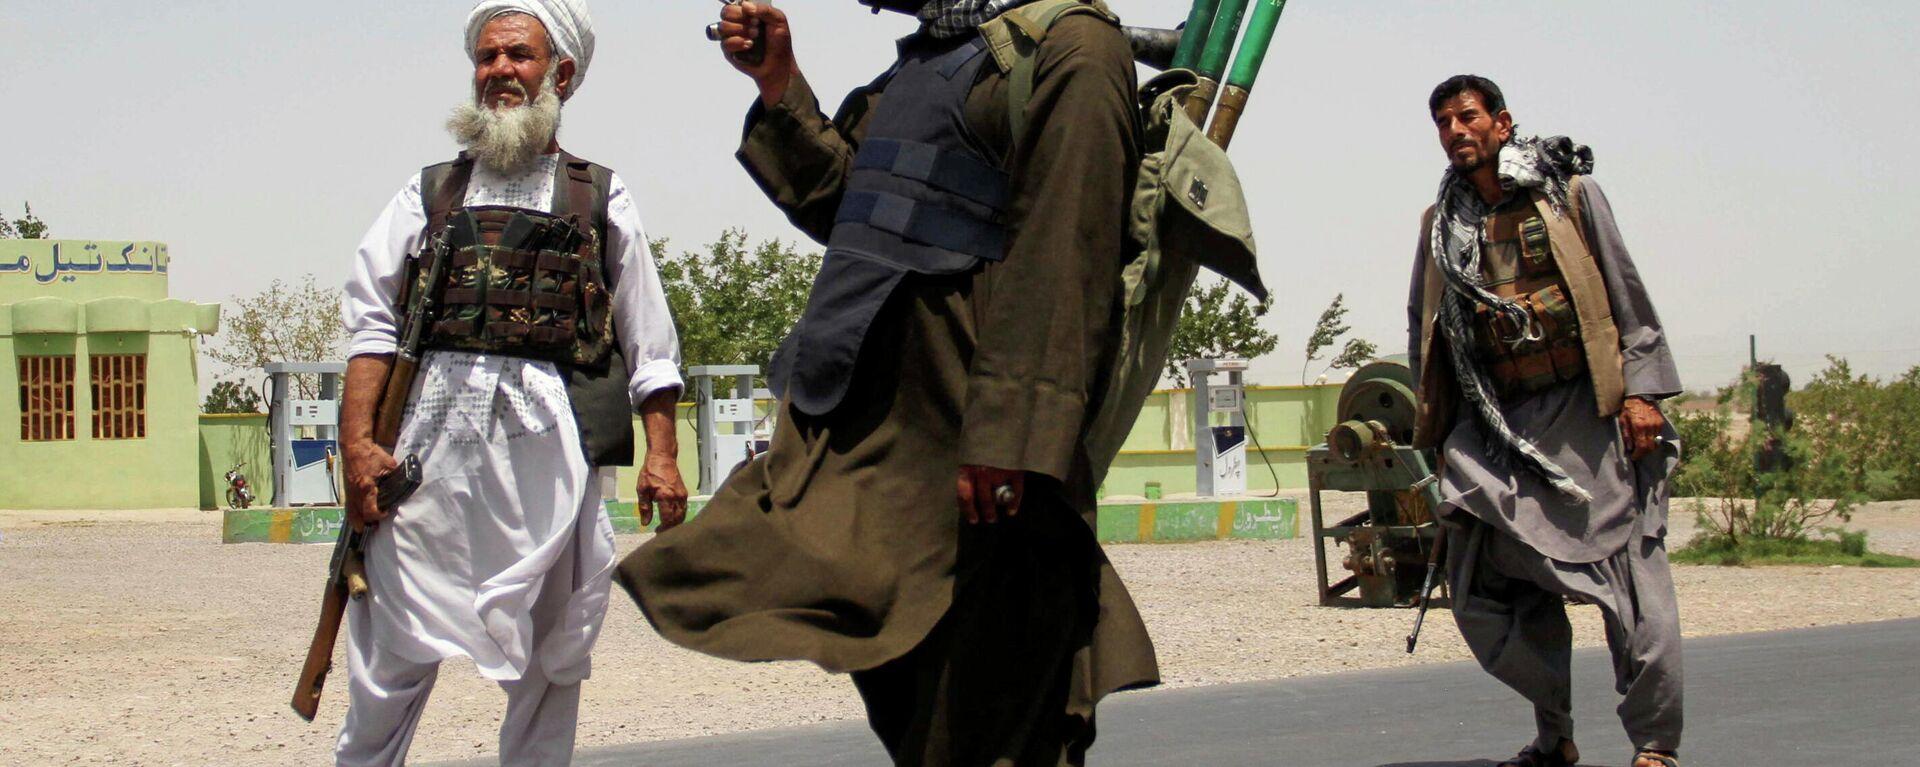 Бывшие моджахеды держат оружие, чтобы поддержать афганские силы в их борьбе против талибов - Sputnik Таджикистан, 1920, 11.08.2021